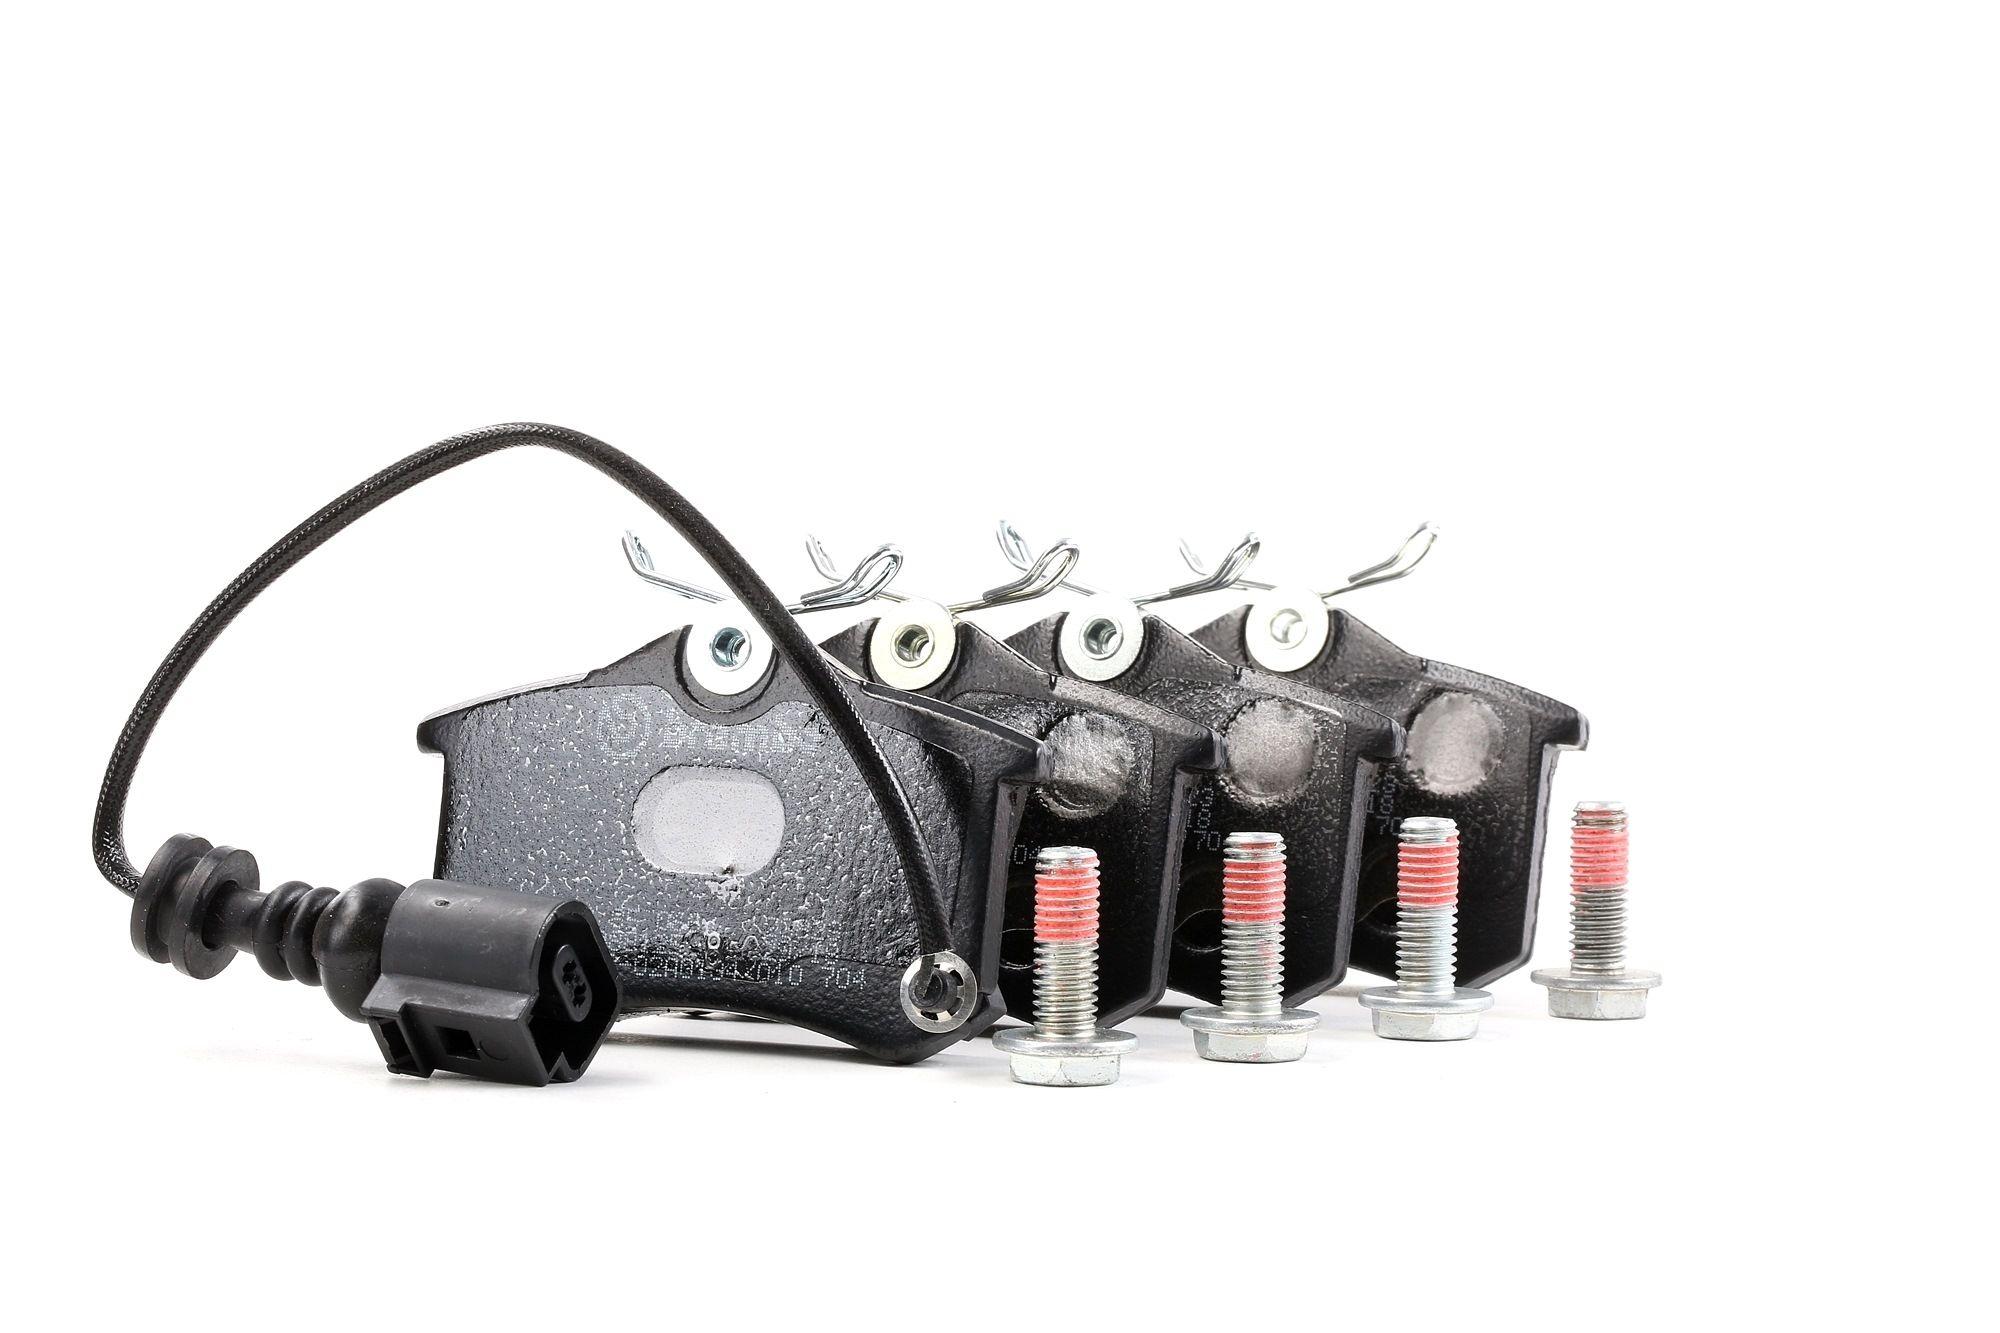 D19819209 BREMBO con contacto avisador de desgaste, con tornillos pinza freno Altura: 53mm, Ancho: 87mm, Espesor: 17,2mm Juego de pastillas de freno P 85 066 a buen precio